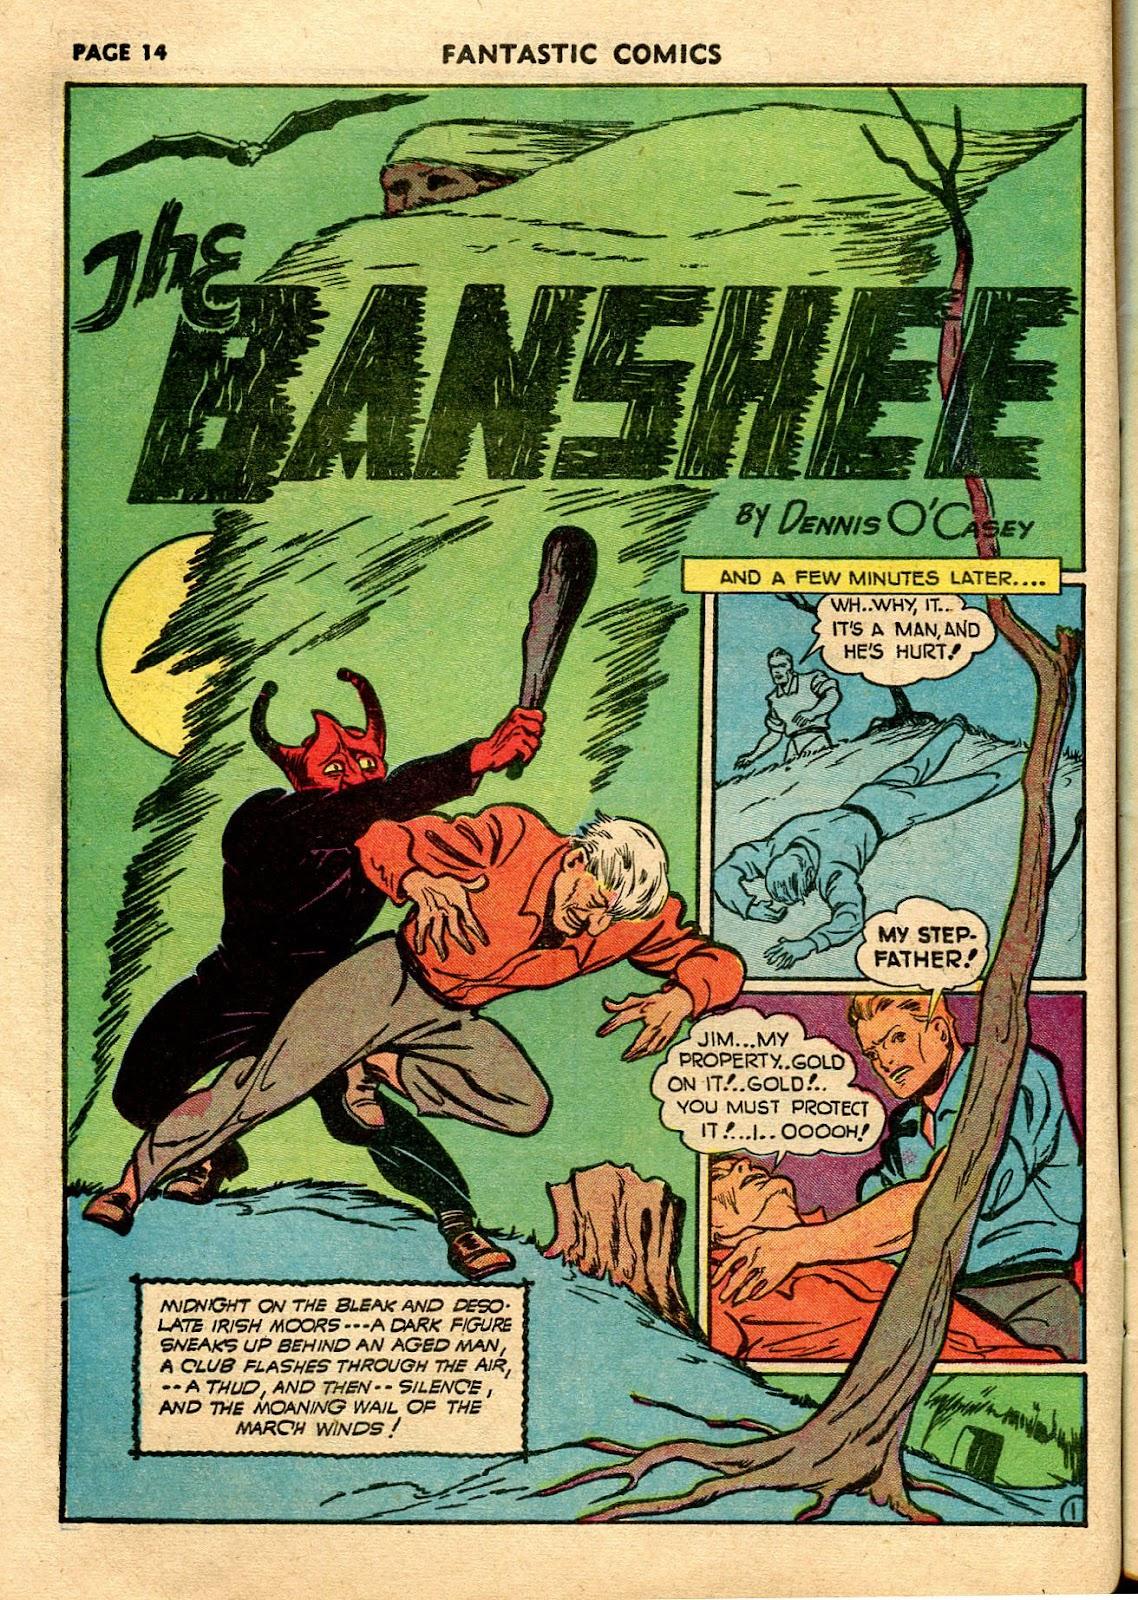 Read online Fantastic Comics comic -  Issue #21 - 16